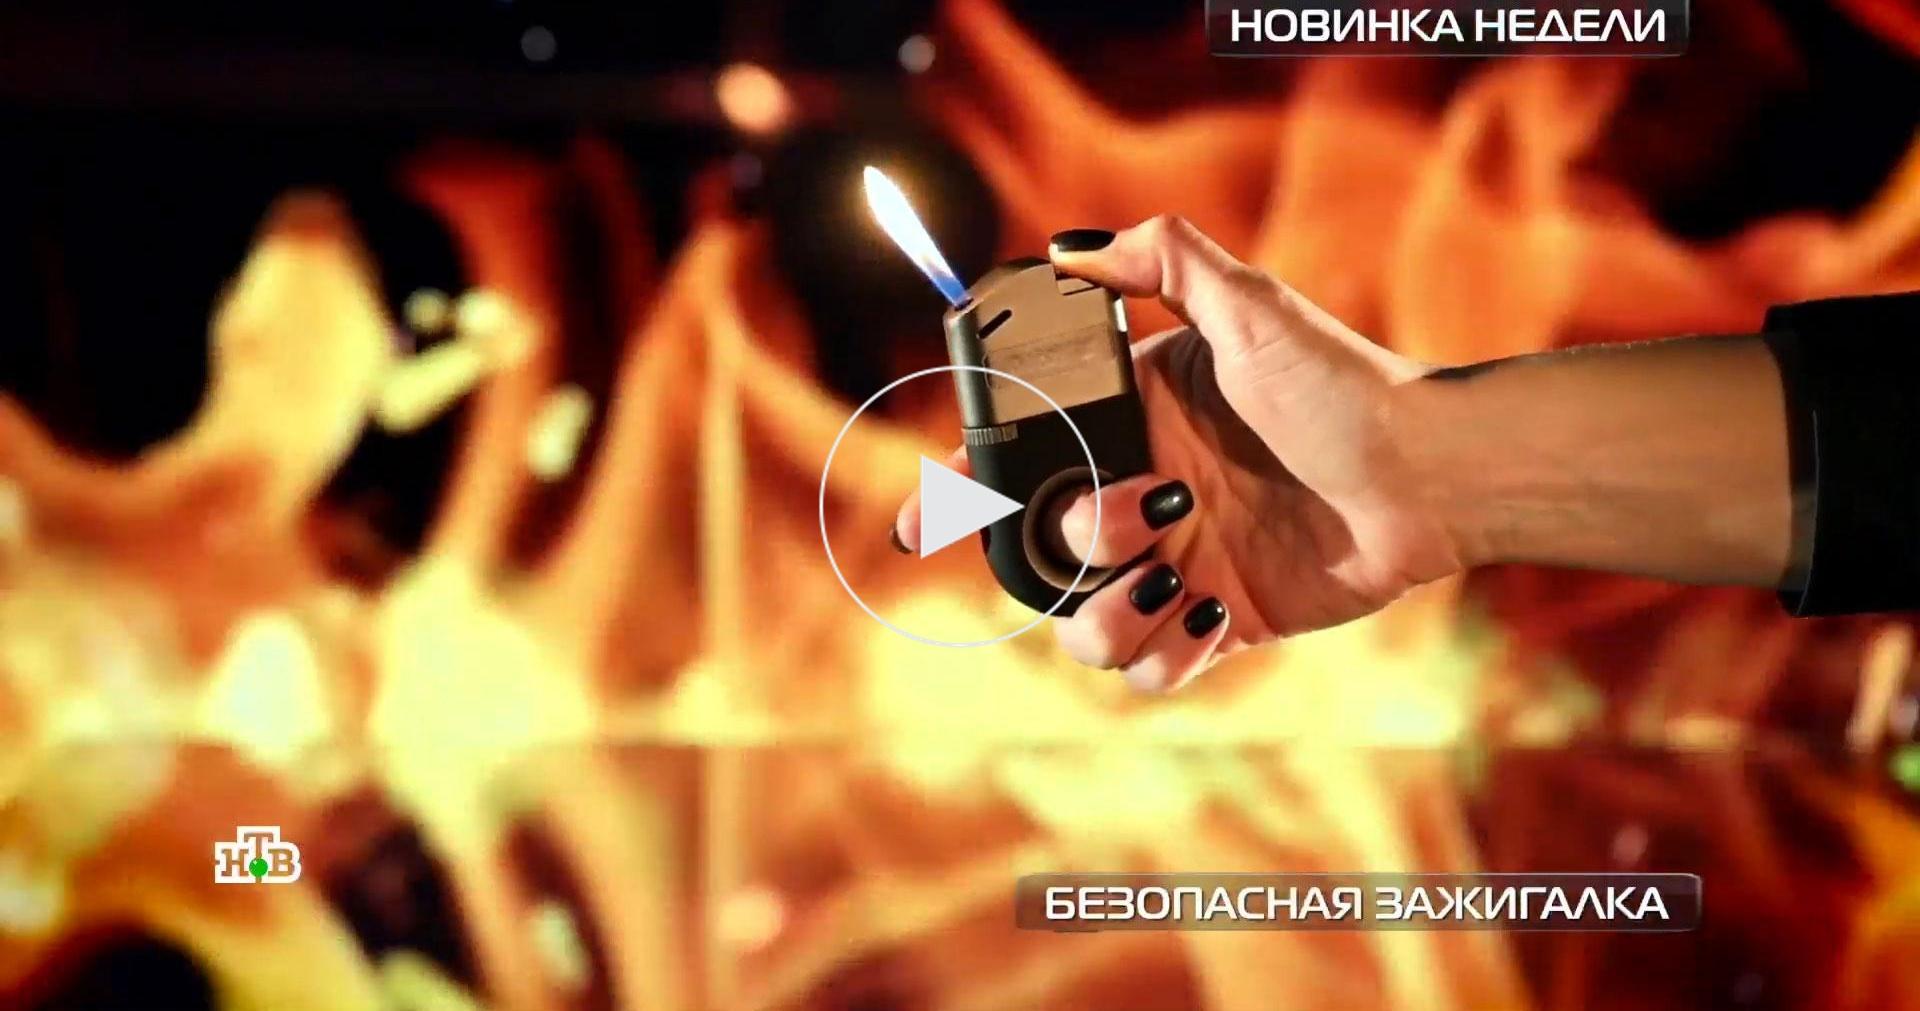 Безопасная зажигалка: тест инновационного гаджета